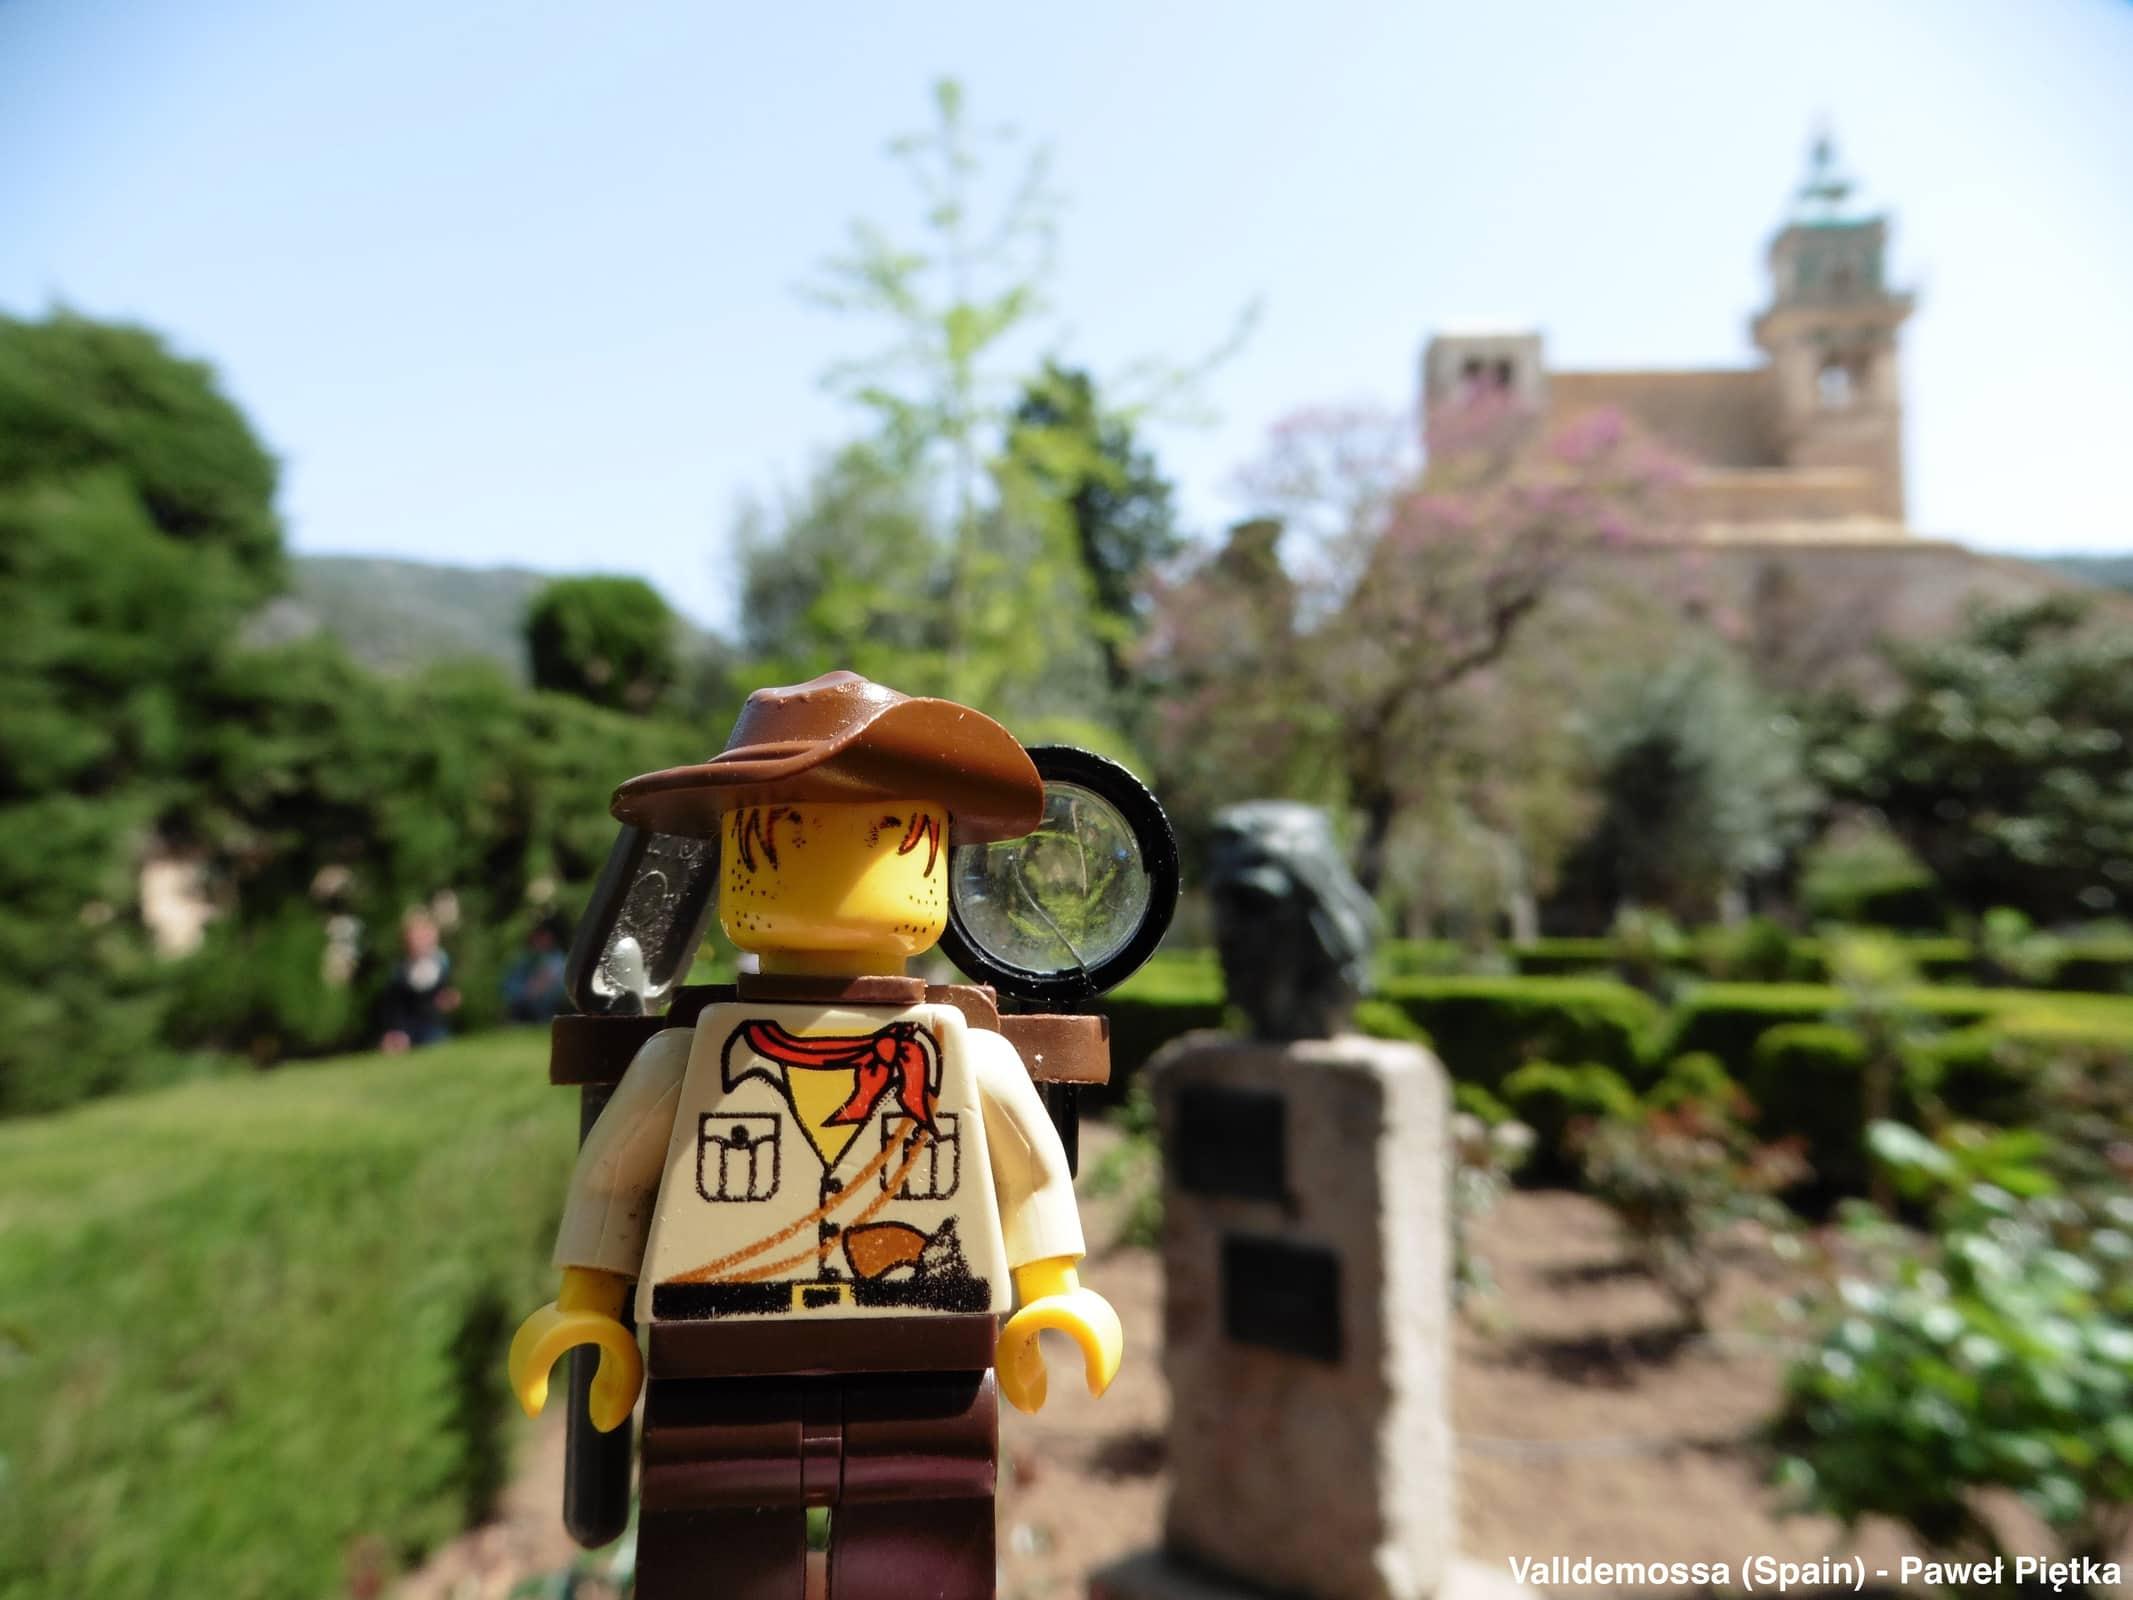 Valldemossa (Spain) - Charterhouse